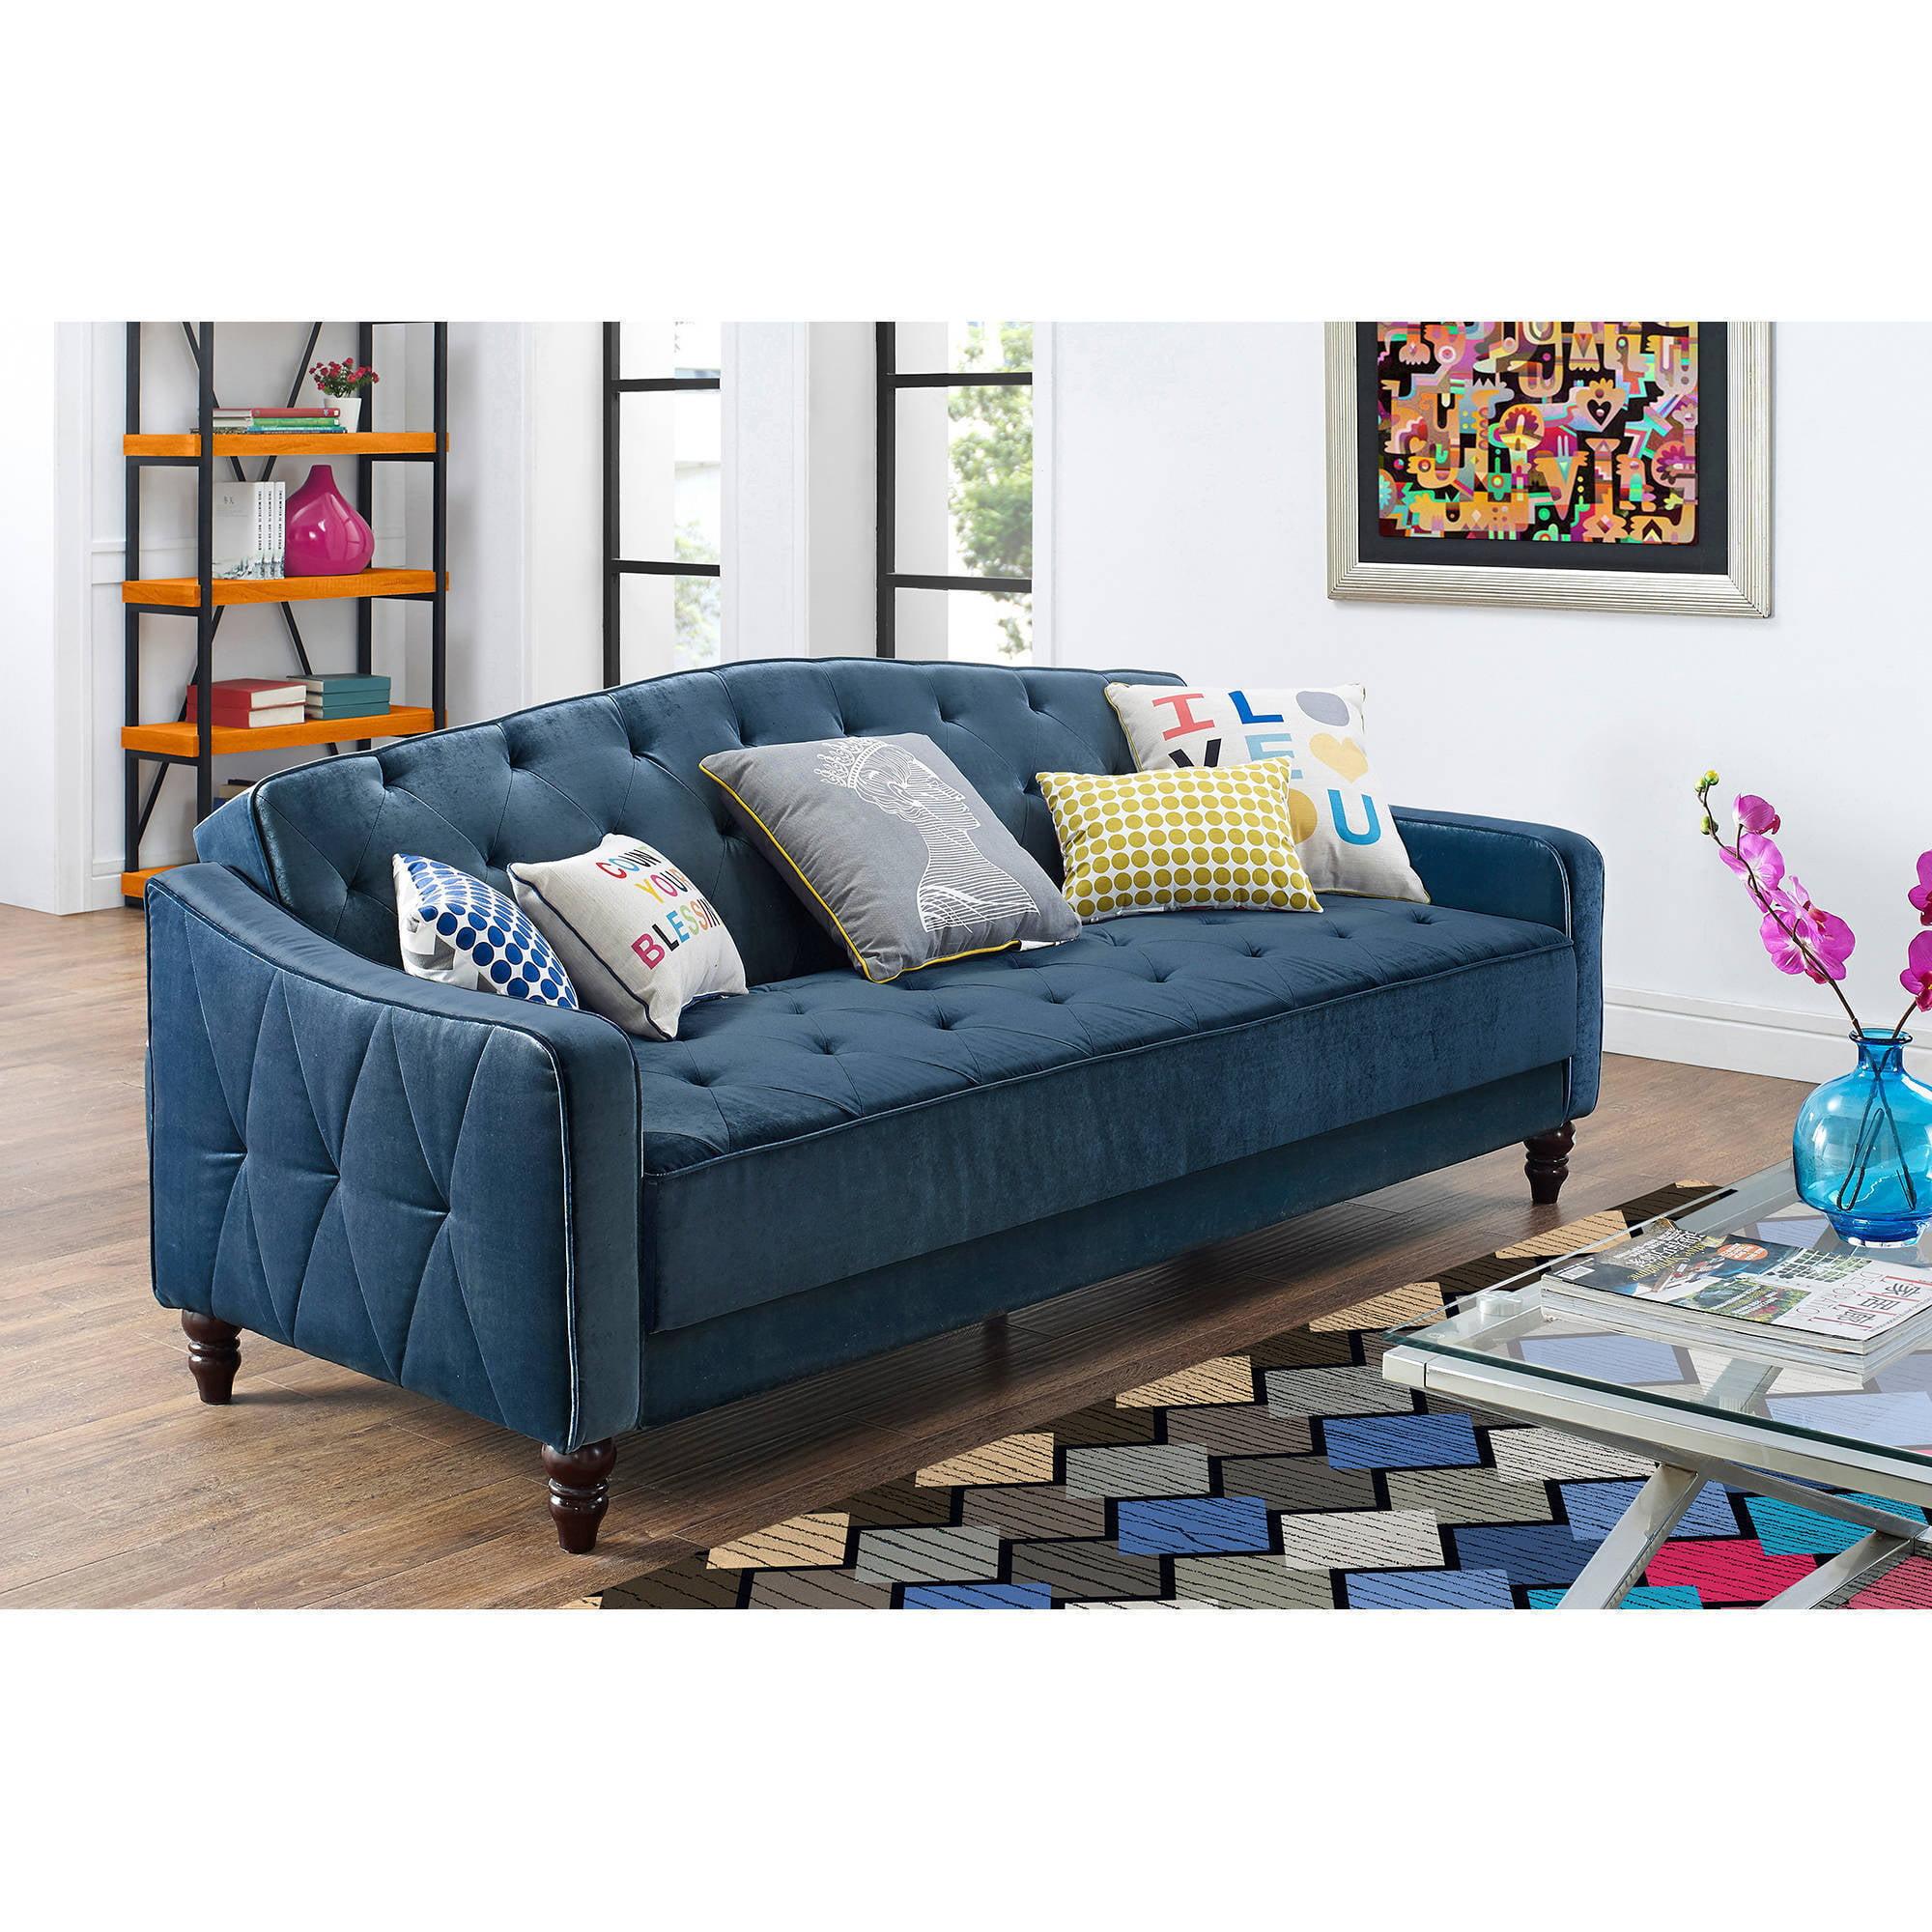 novogratz vintage tufted sofa sleeper ii blue